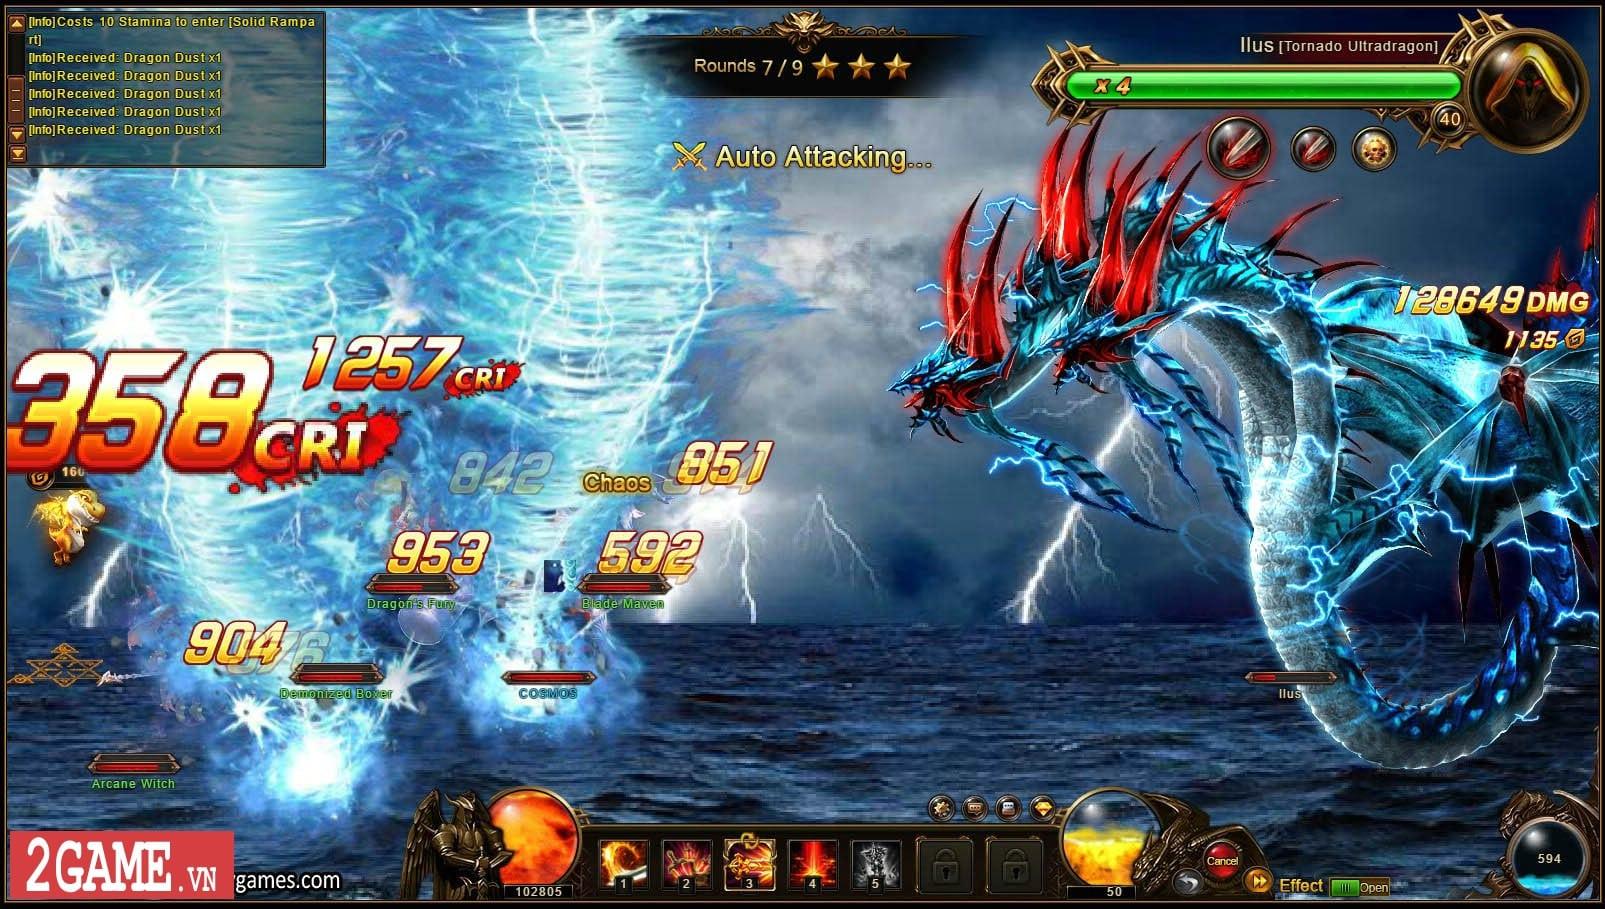 Game of Dragons - Cuộc chiến Long tộc sắp được phát hành tại Việt Nam 4